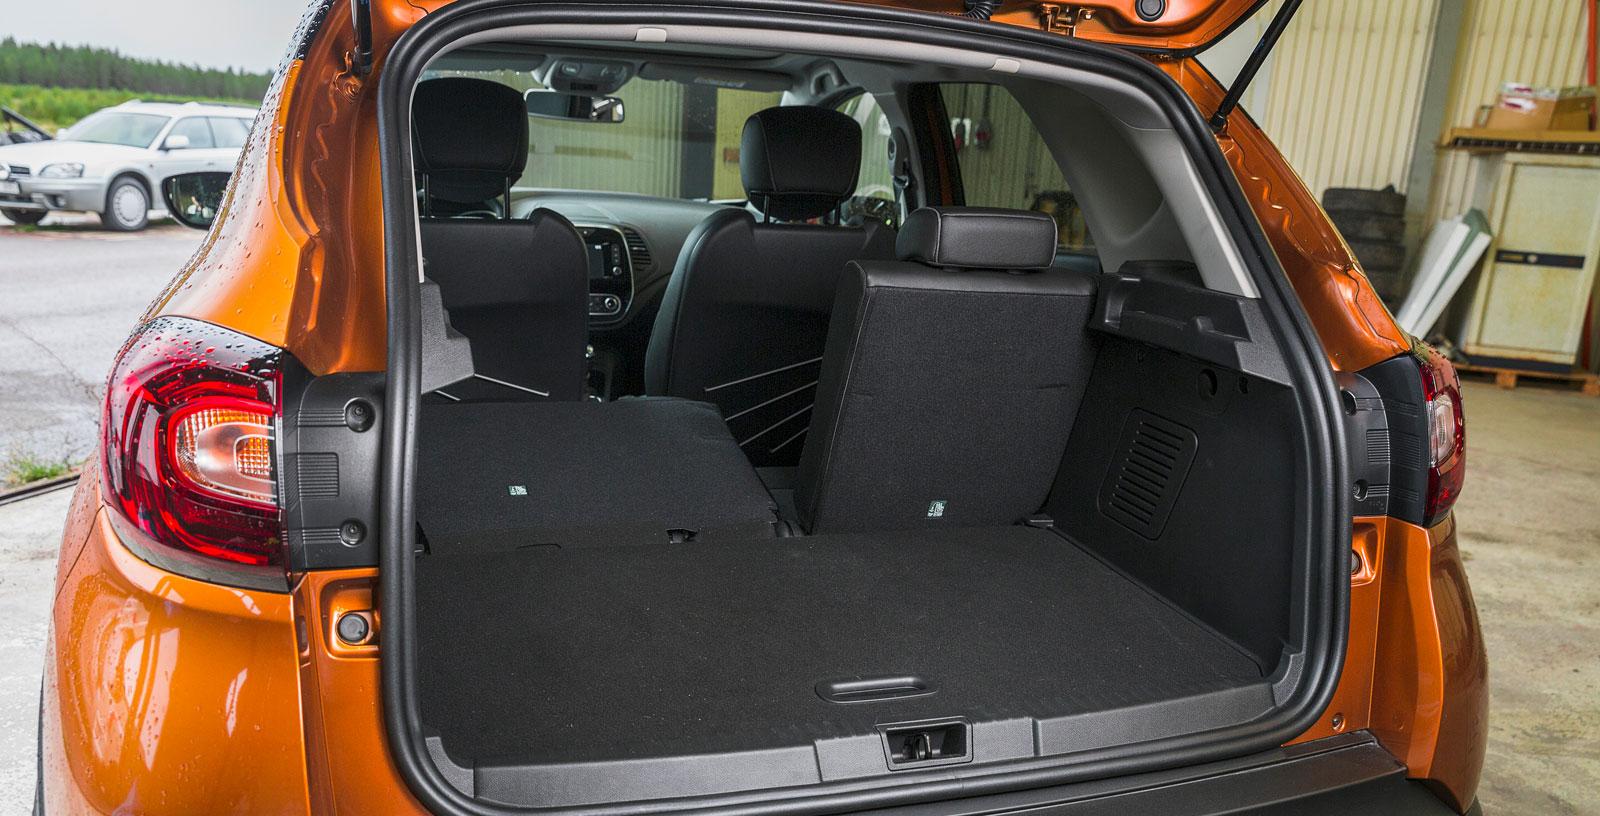 """Även Renault har ett skjutbart baksäte, som dessutom är standard. Men det är inte delbart, utan hela sittdynan följer med när sätet skjuts framåt. En enklare och mindre flexibel lösning än i Opel. Ryggstödet är delbart i förhållandet 60/40 och lastgolvet har, precis som Opel, två """"våningar"""". Dubbla kasskrokar finns."""